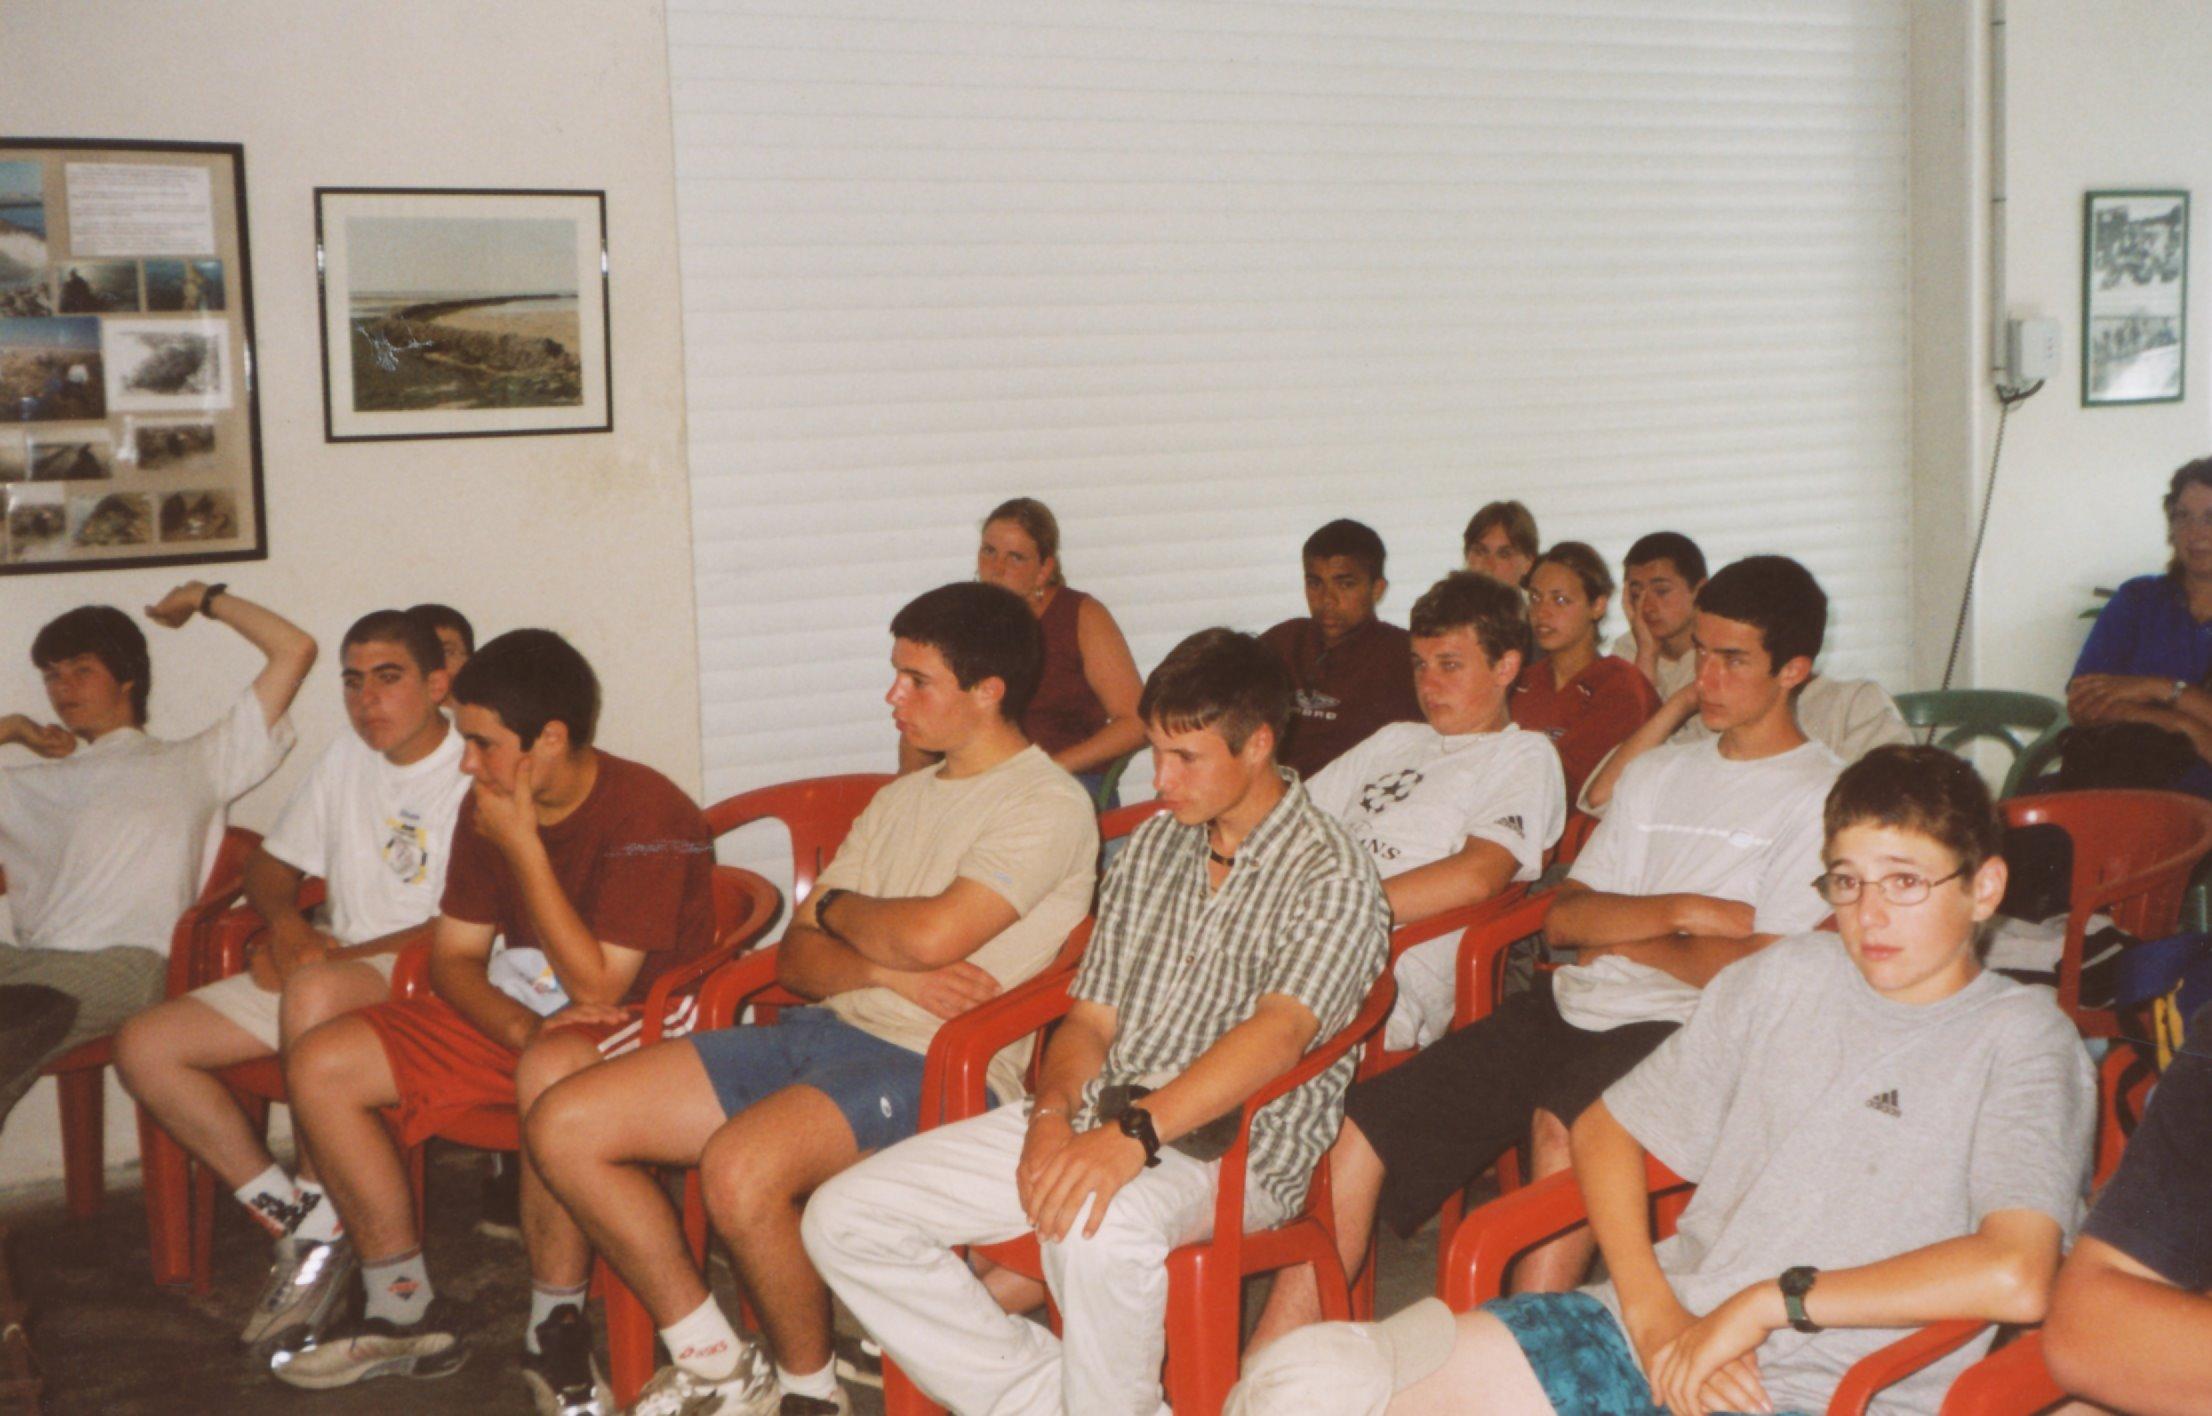 Archives anciens élèves mfr puy-sec 2002 (9)